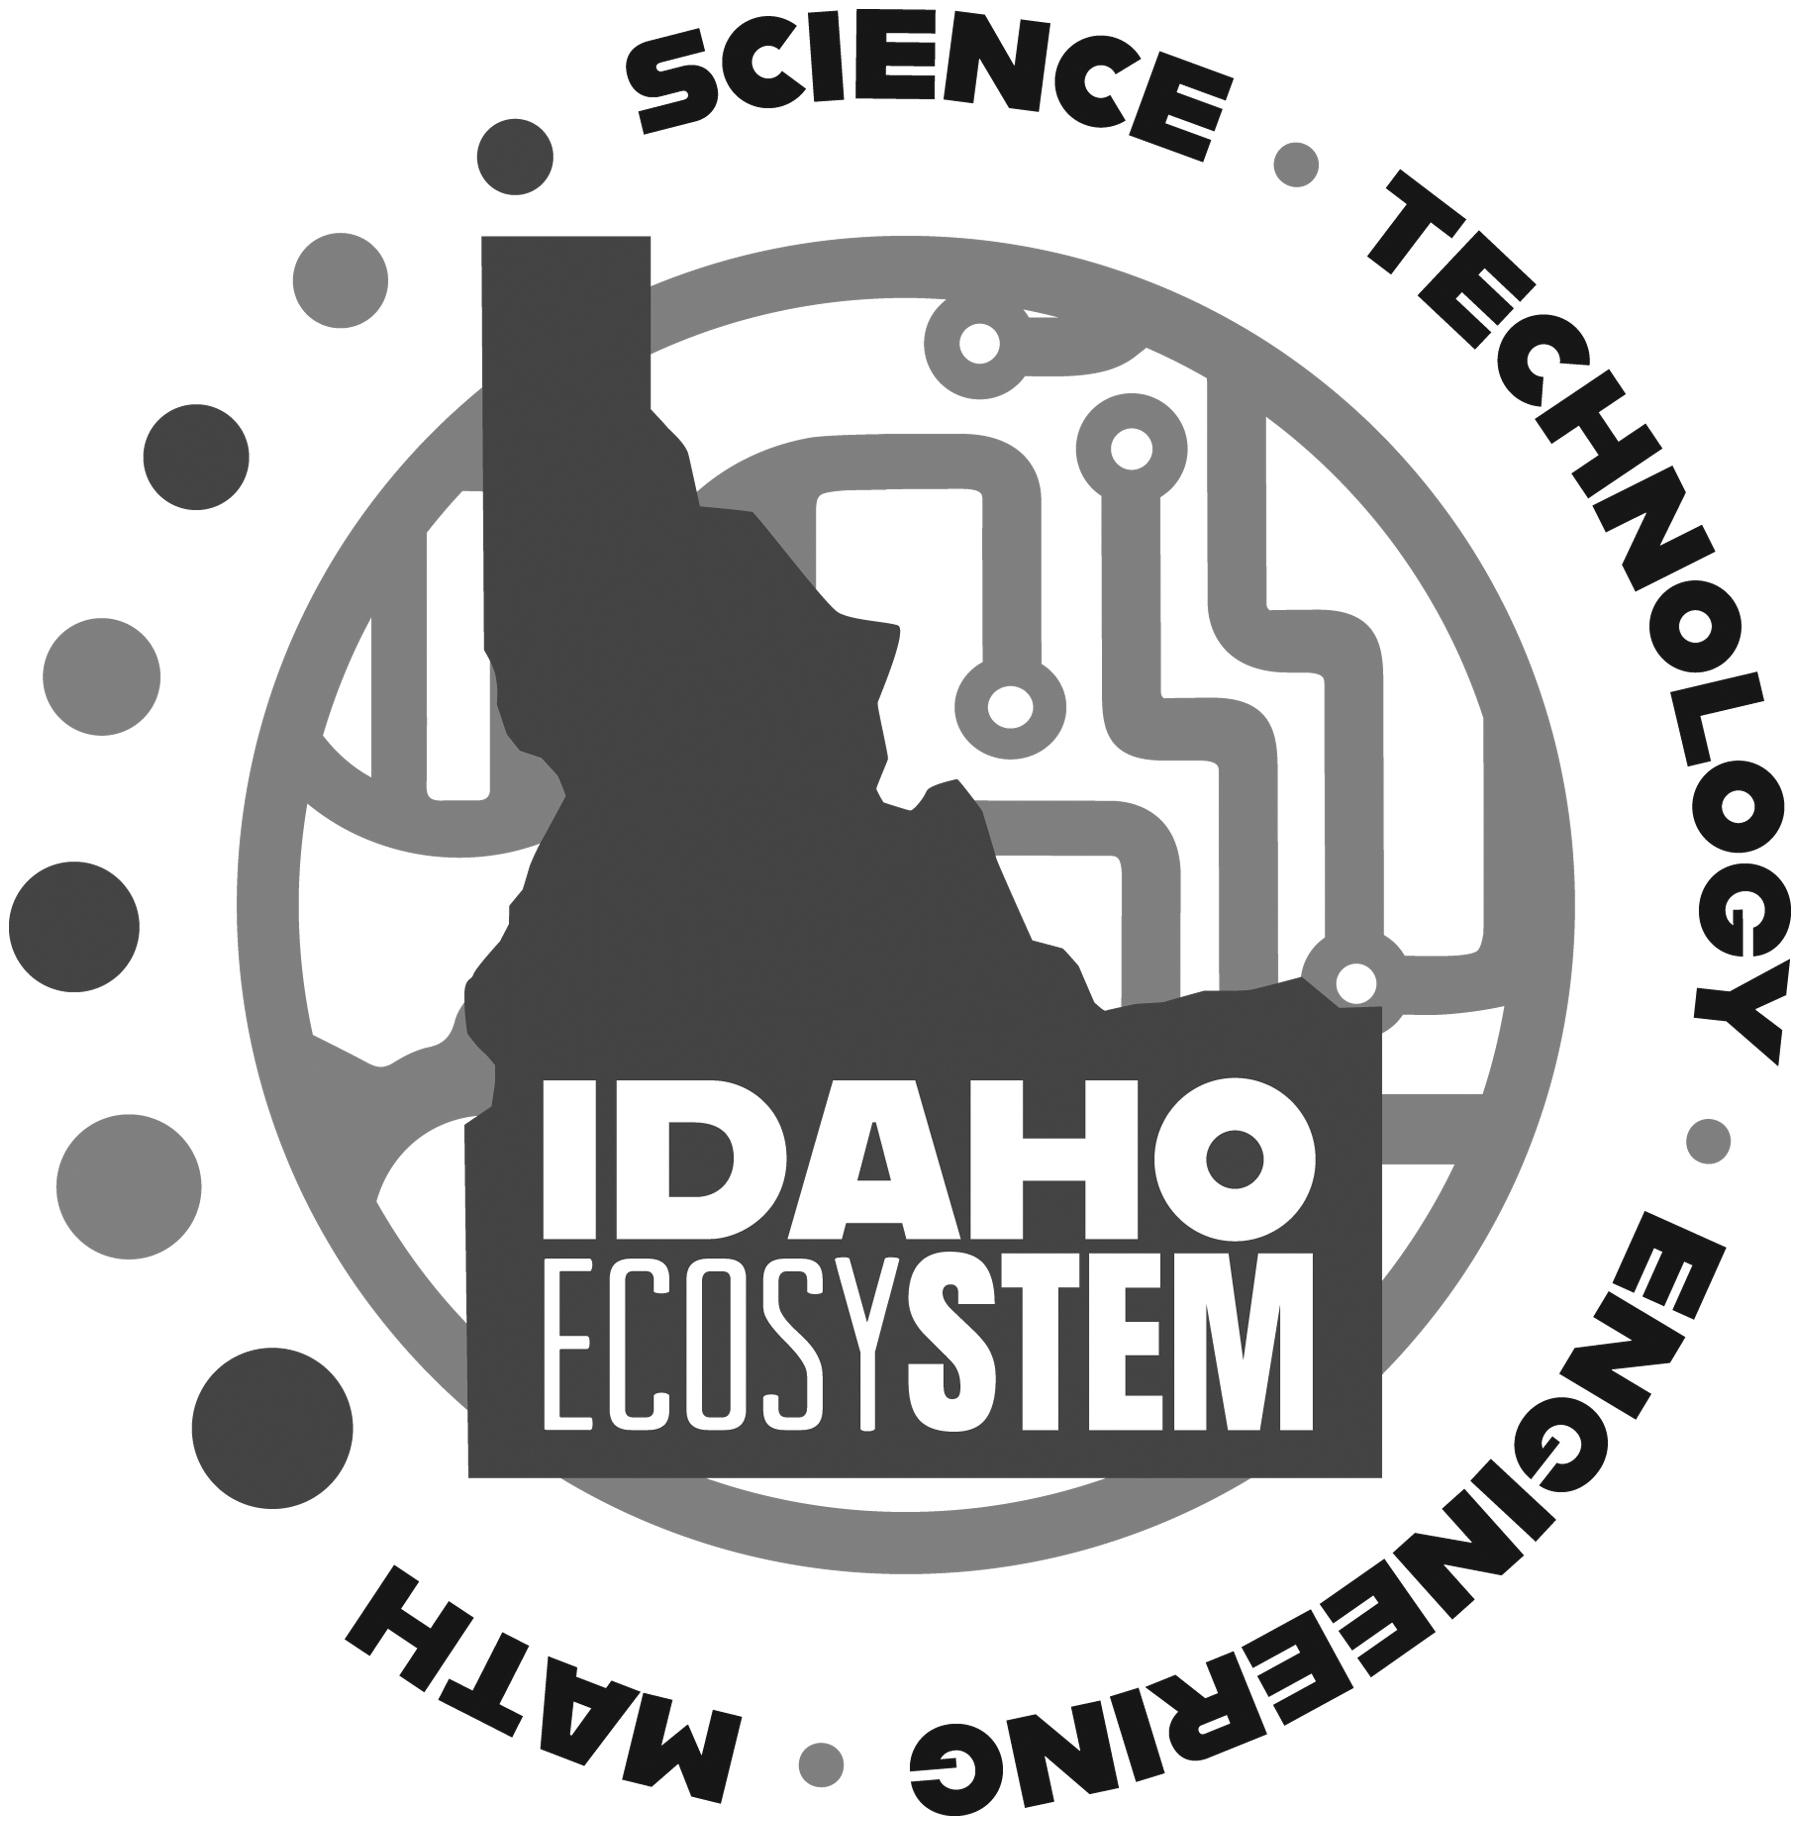 EcosySTEM logo Gray JPG Format